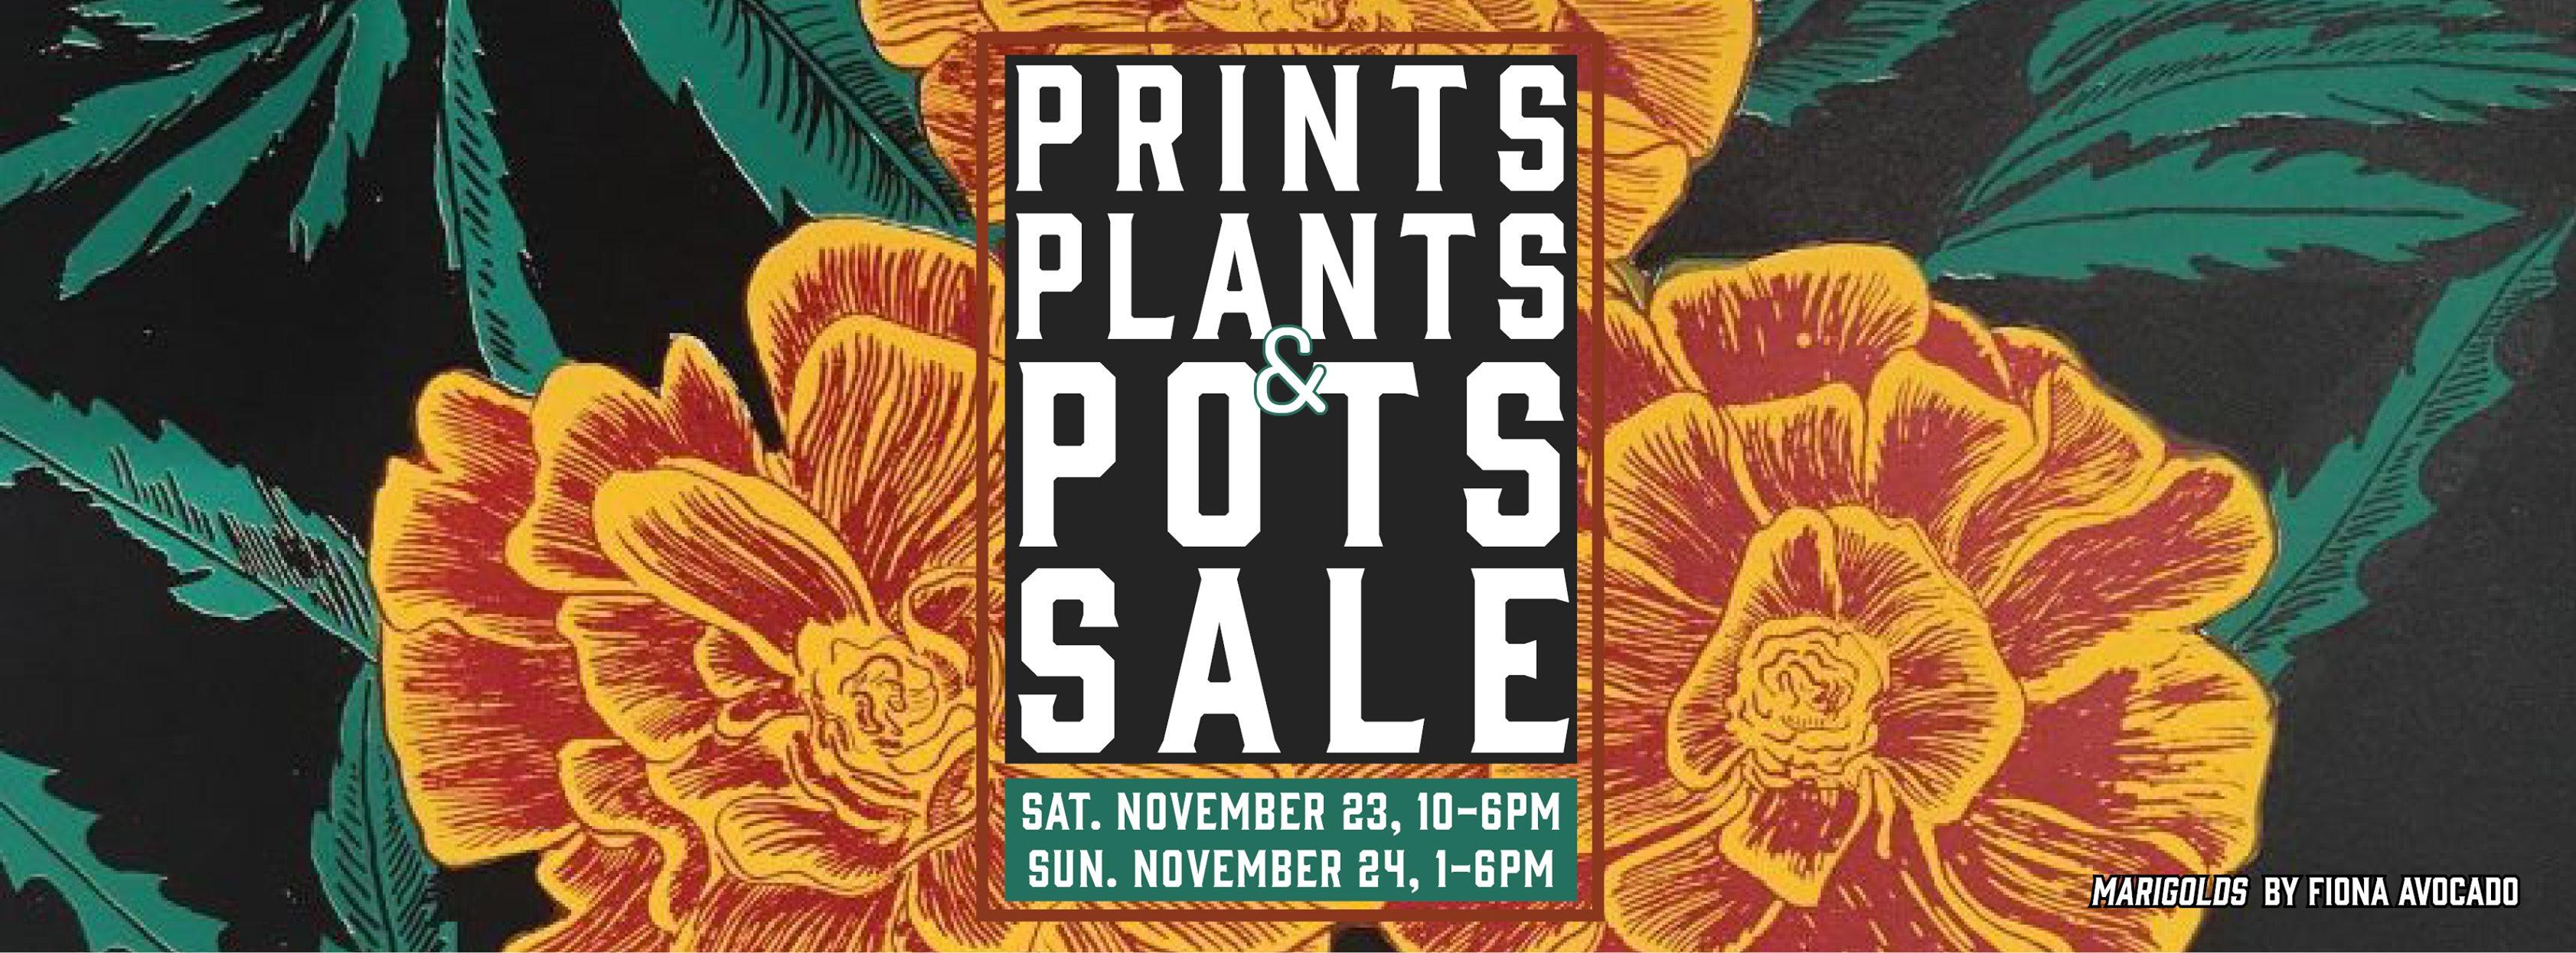 Prints Plants Pots Sale flier